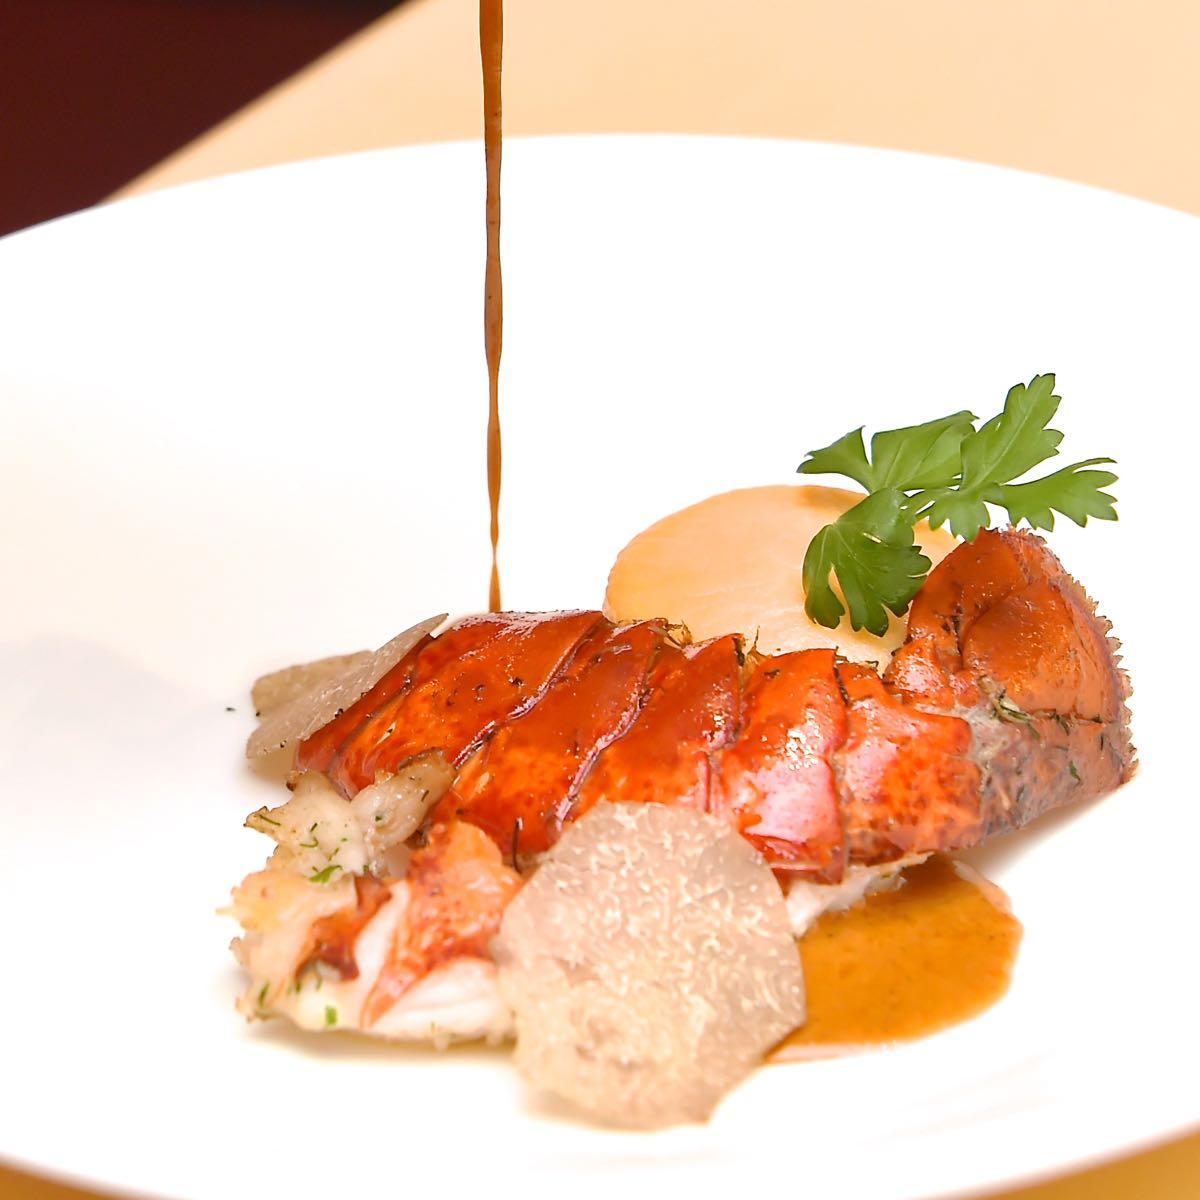 ロブスターのポワレ バニラ香るロブスターソース トリュフとマッシュルームのデュクセルを入れたムースリーヌ2